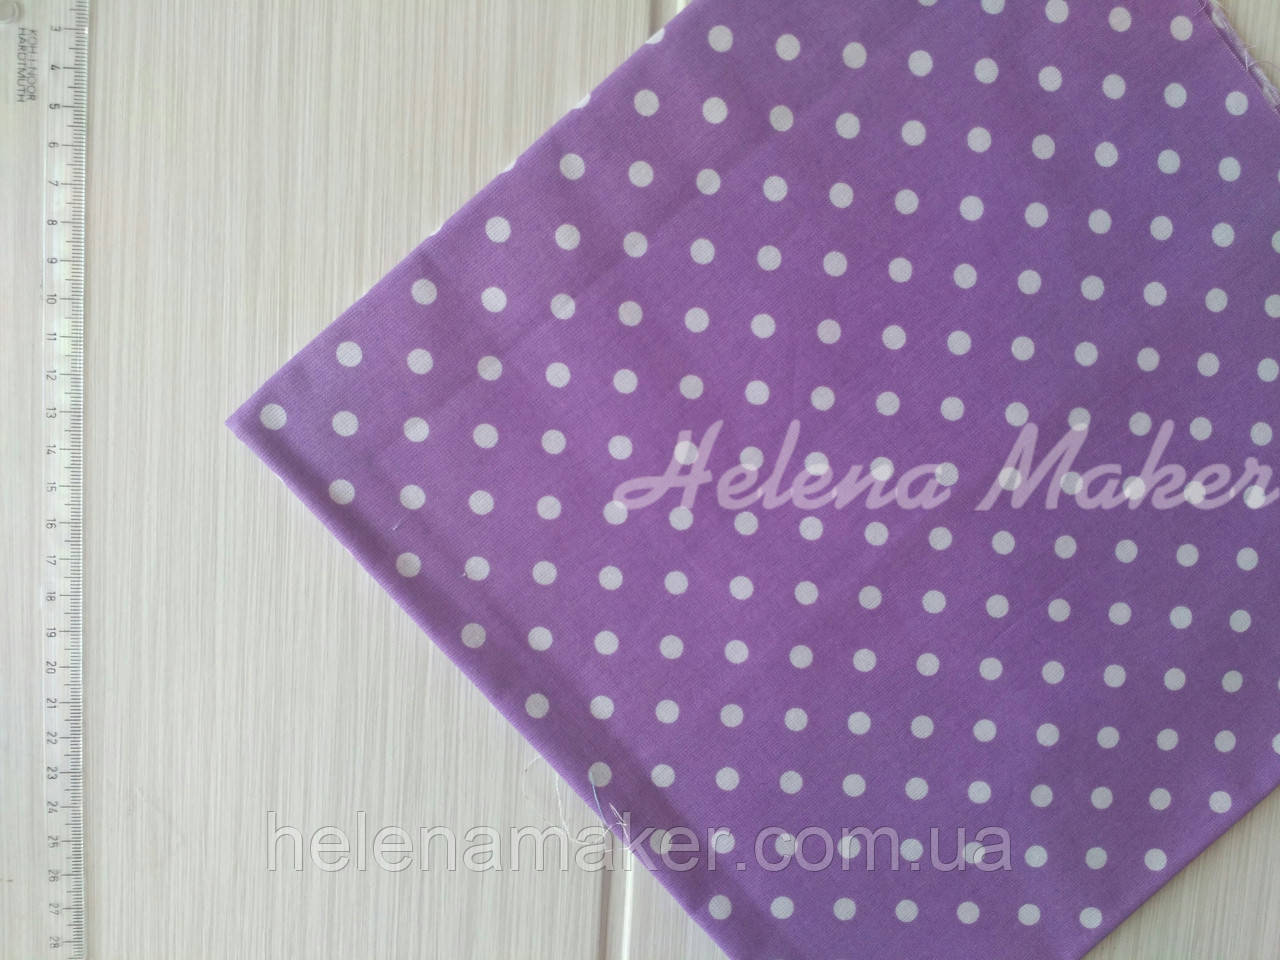 Бавовняна тканина бузкова горошок 7 мм. Розмір відрізу 50*50 см